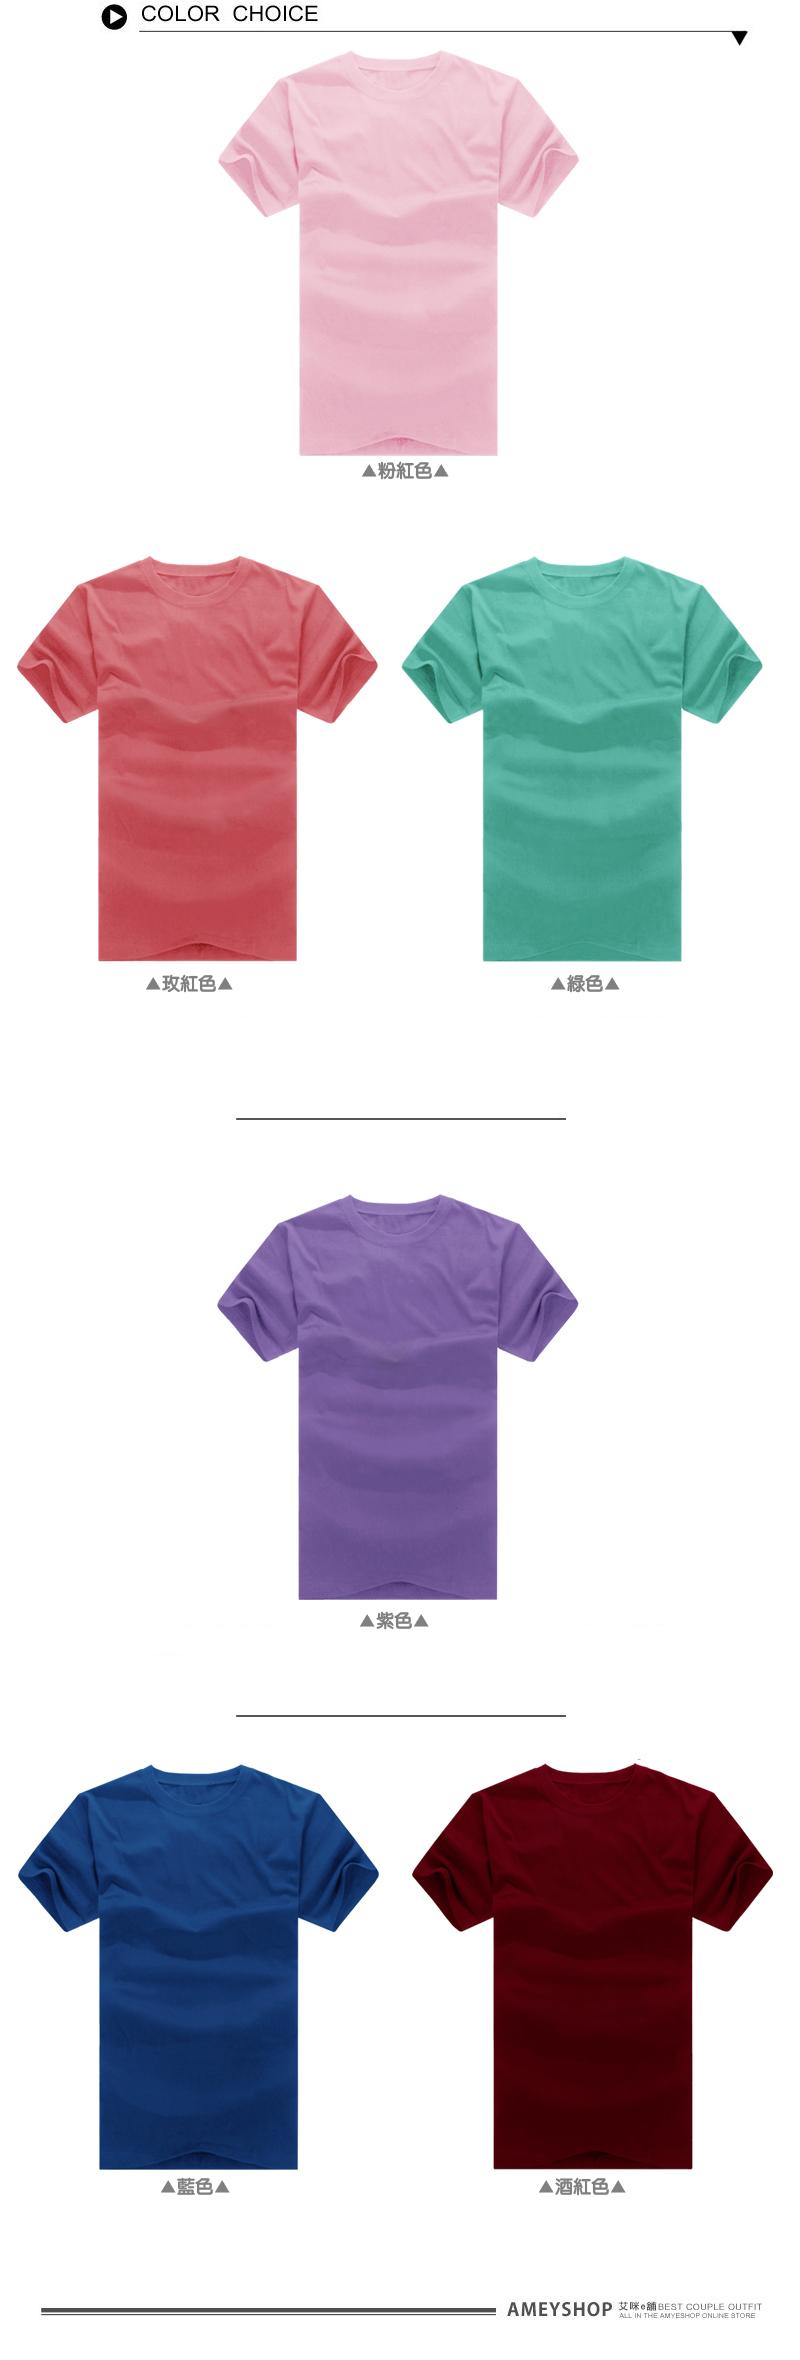 ◆快速出貨◆T恤.潮T.Tshirt 情侶裝.MIT純棉.情侶T恤.短T.素面T恤【D0000】艾咪E舖.班服.艾咪E舖